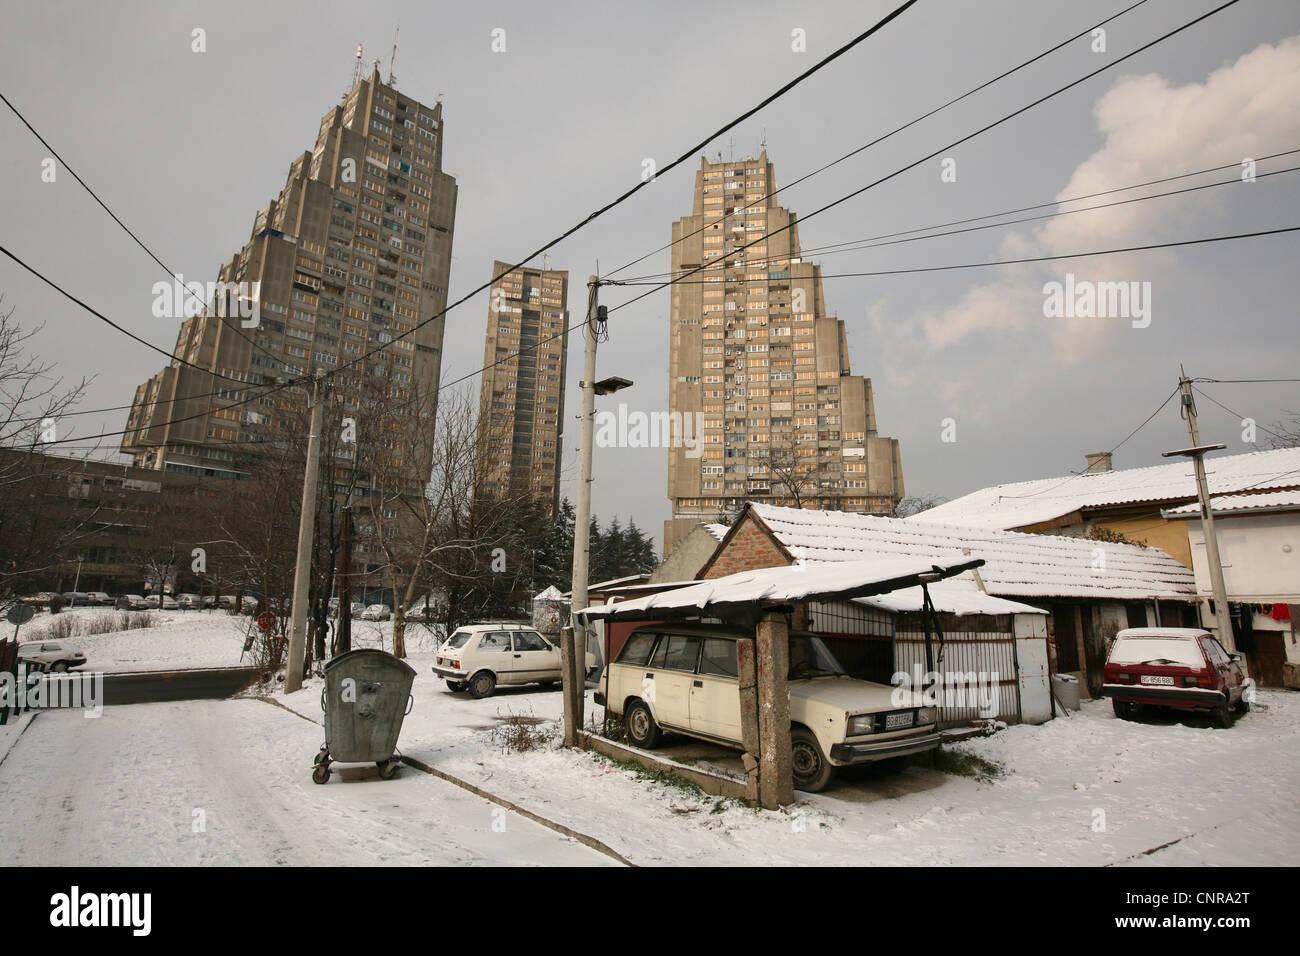 Östlichen Tor von Belgrad, der monumentale Wohnung Komplex der sozialistischen Architektur, in Belgrad, Serbien. Stockbild